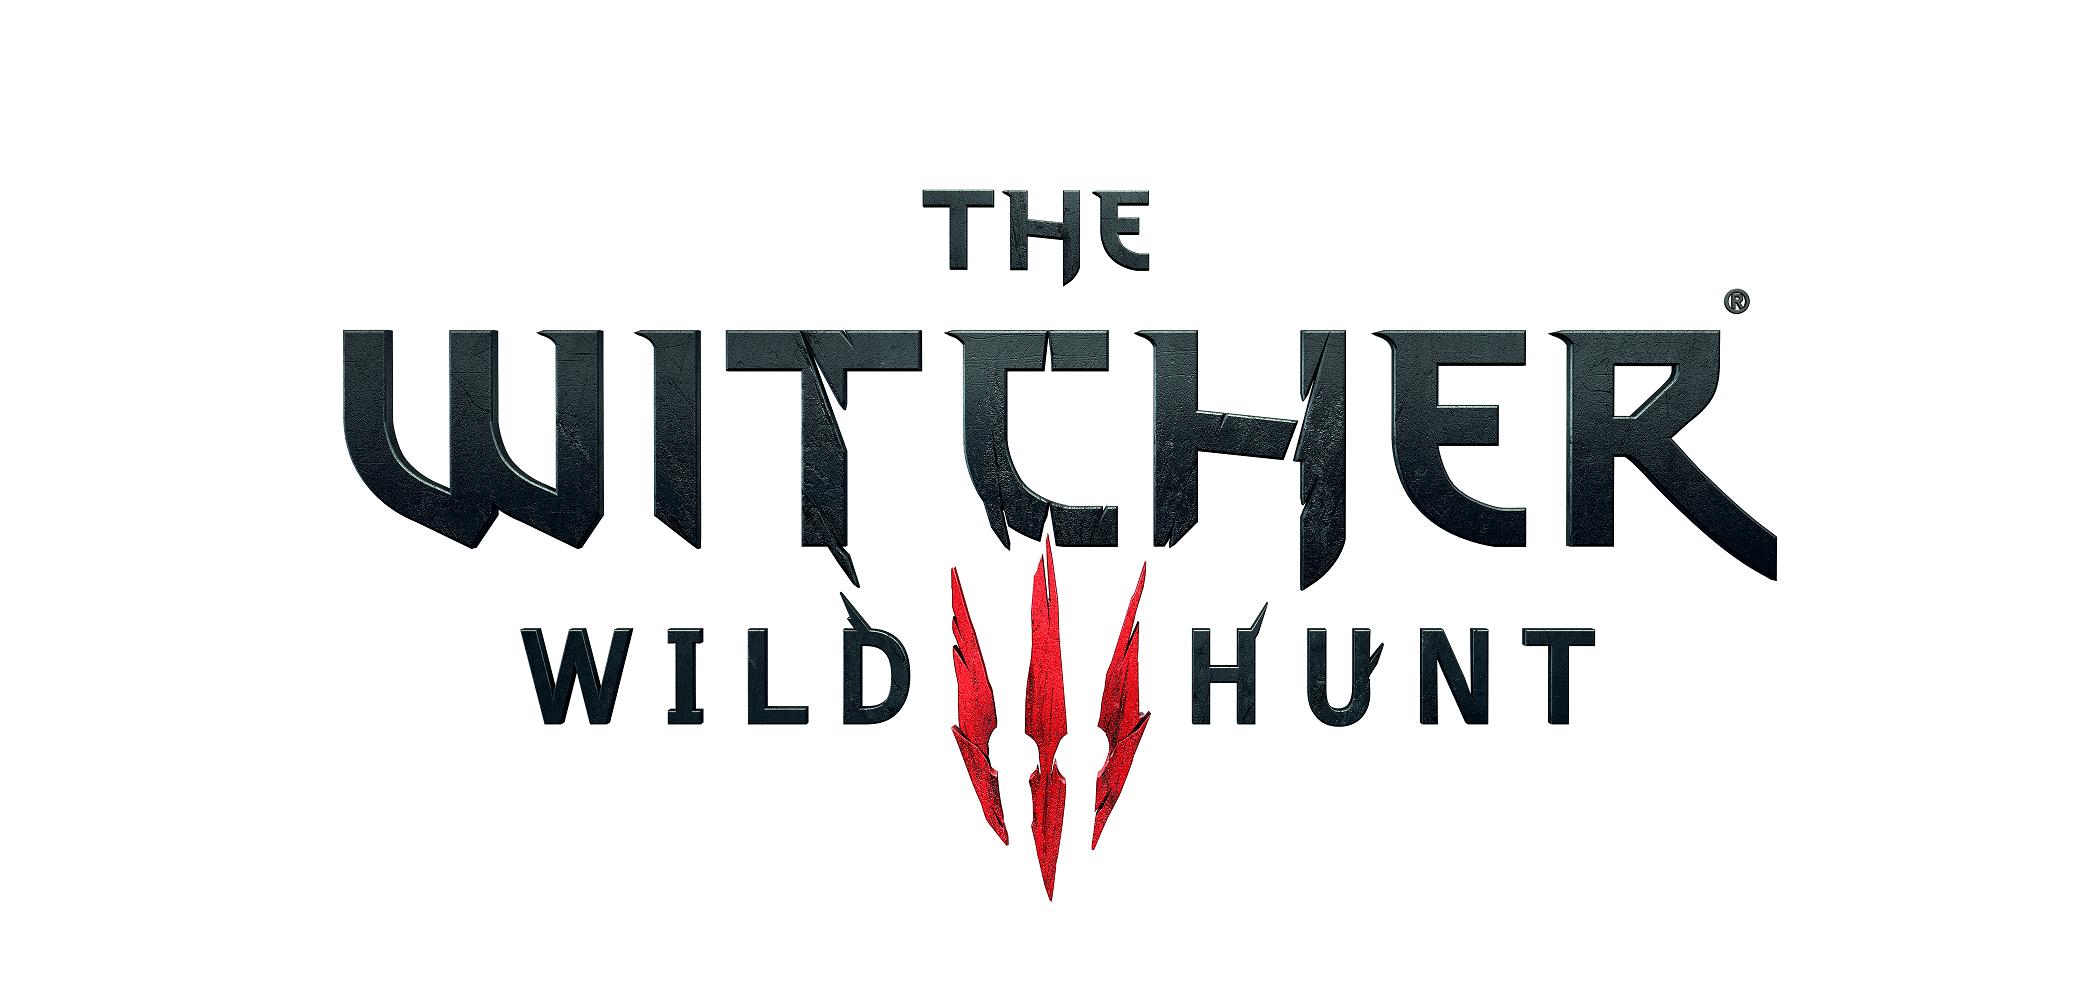 Witcher 3, Witcher 3: Wild Hunt